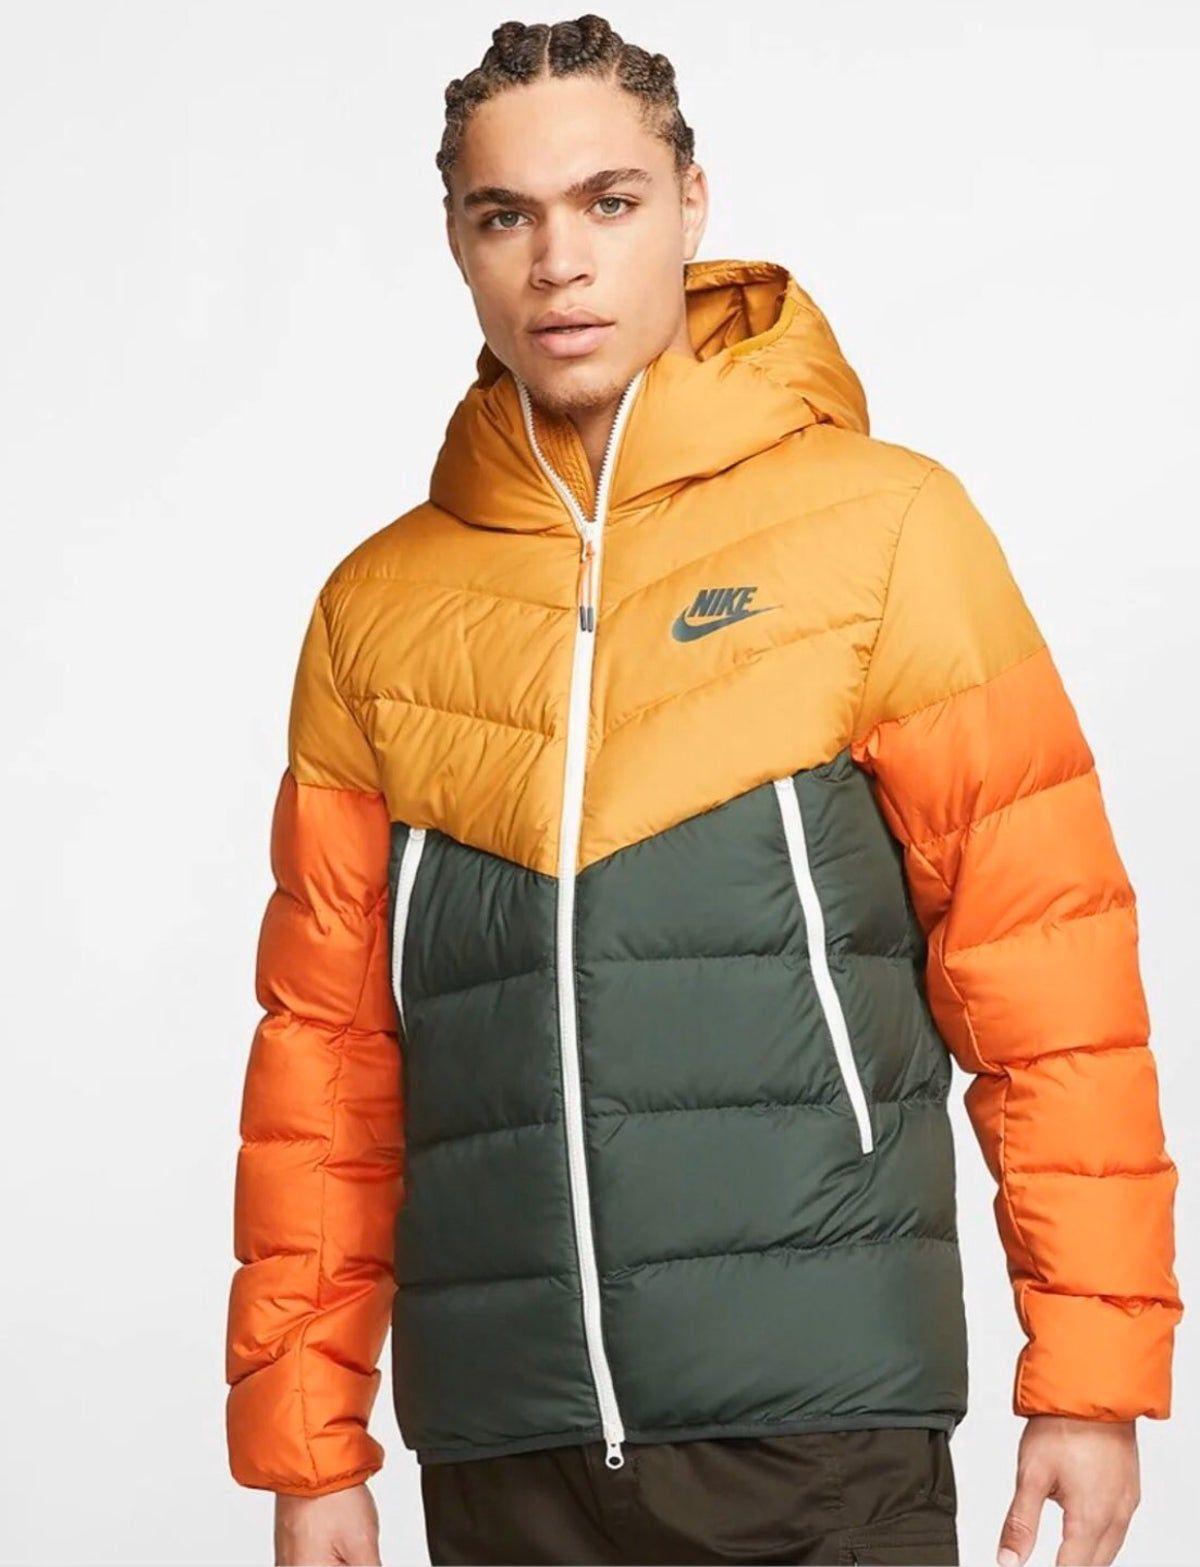 Nike Downfill Coat Nike Sportswear Puffer Jackets Jackets [ 1567 x 1200 Pixel ]